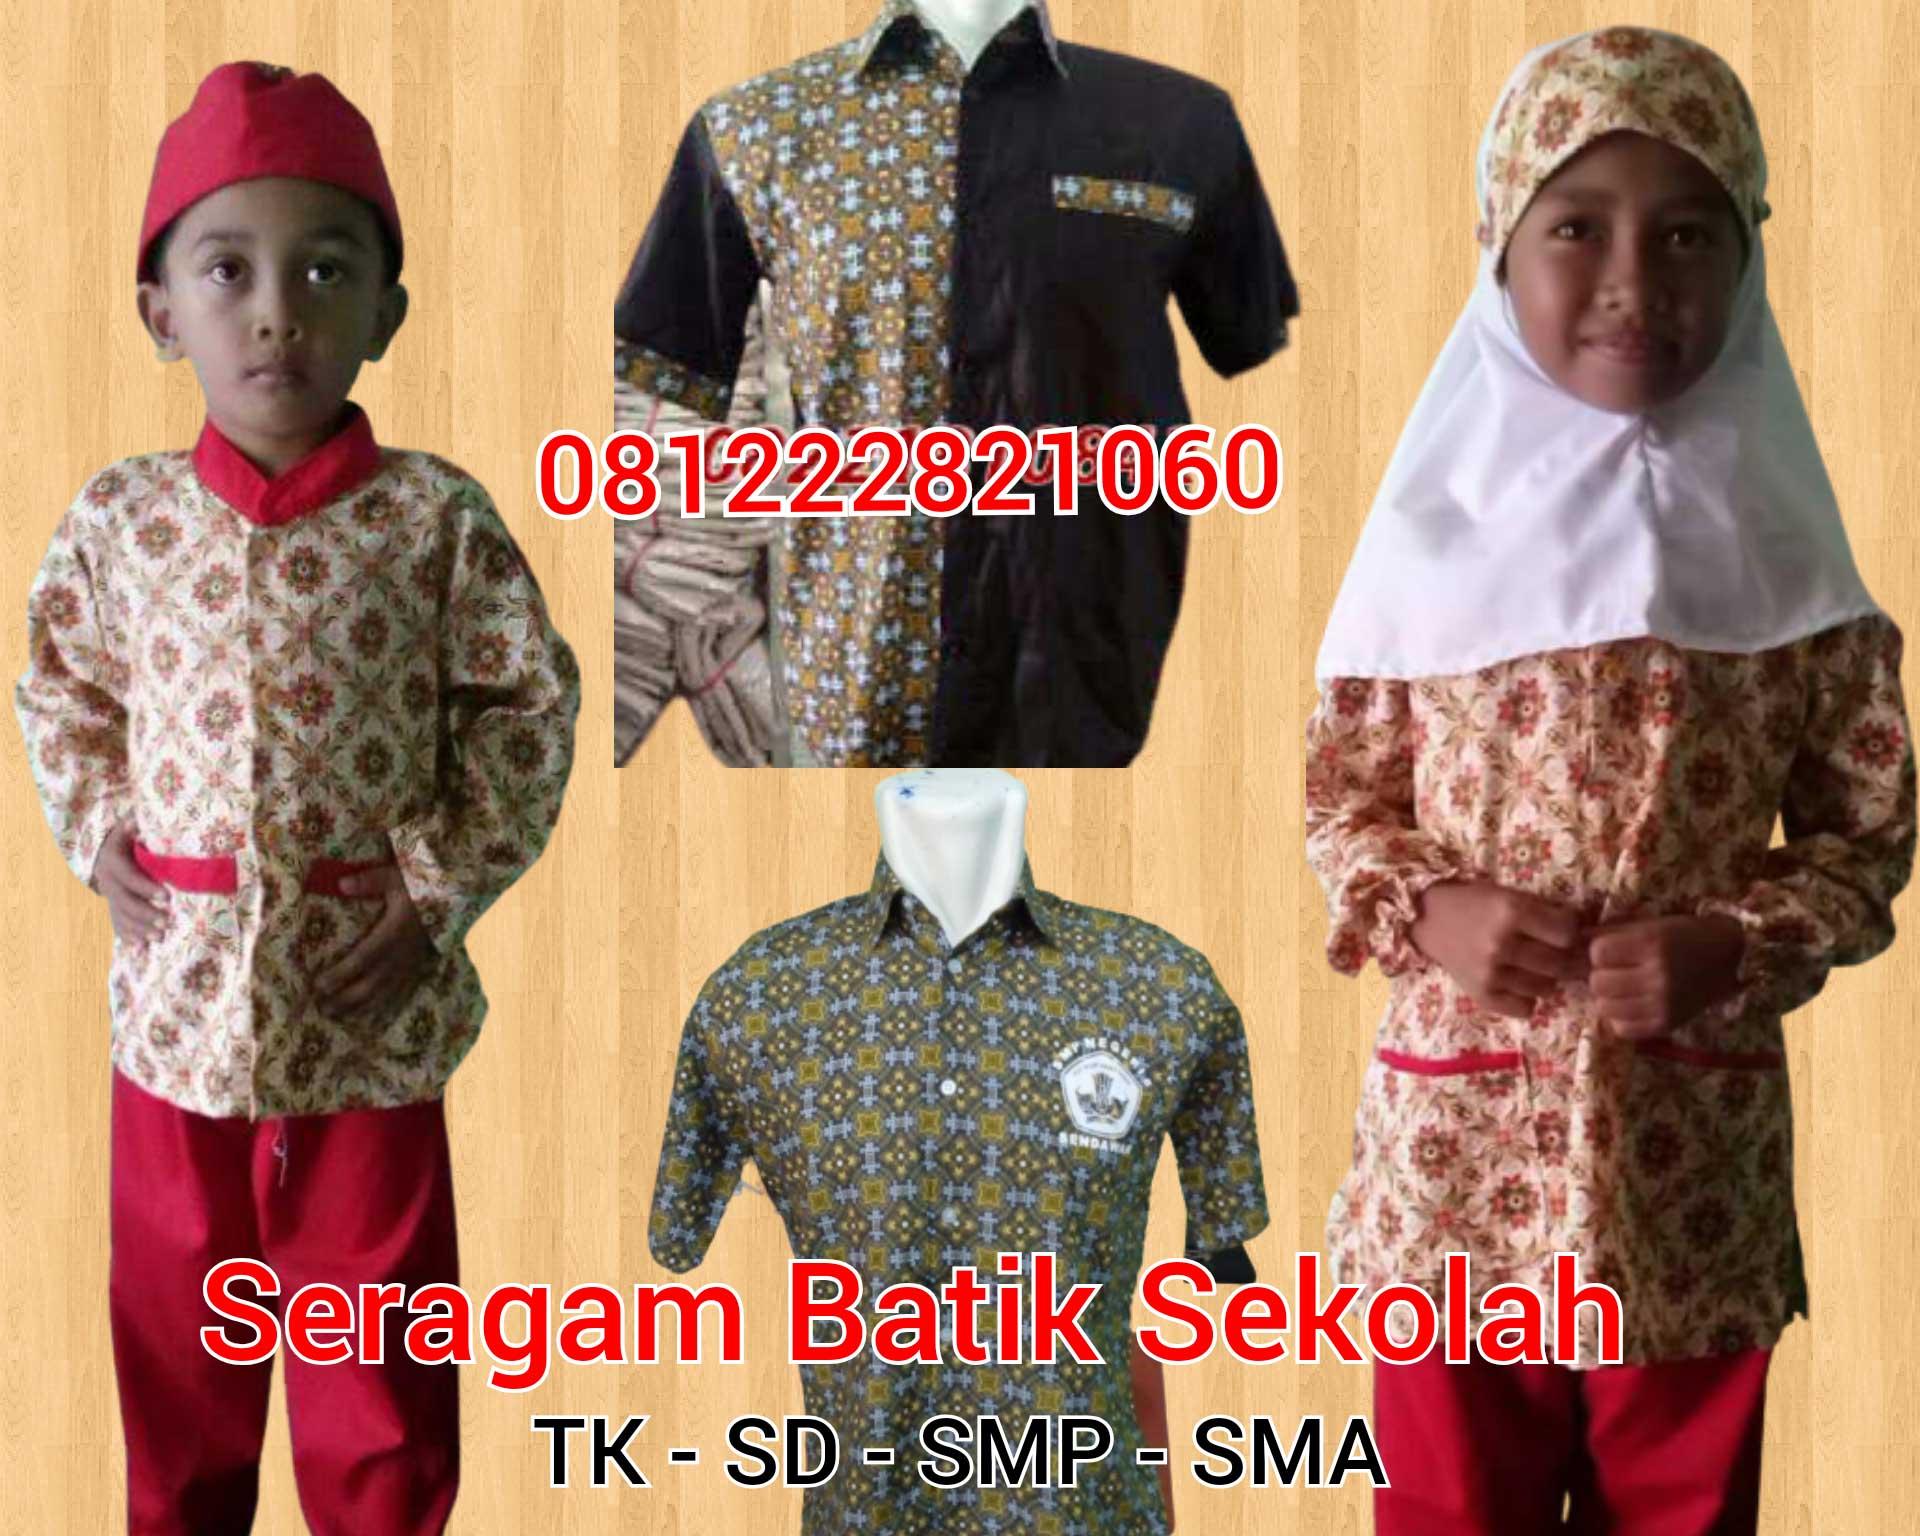 model baju seragam sekolah tk Cakung Jakarta Timur